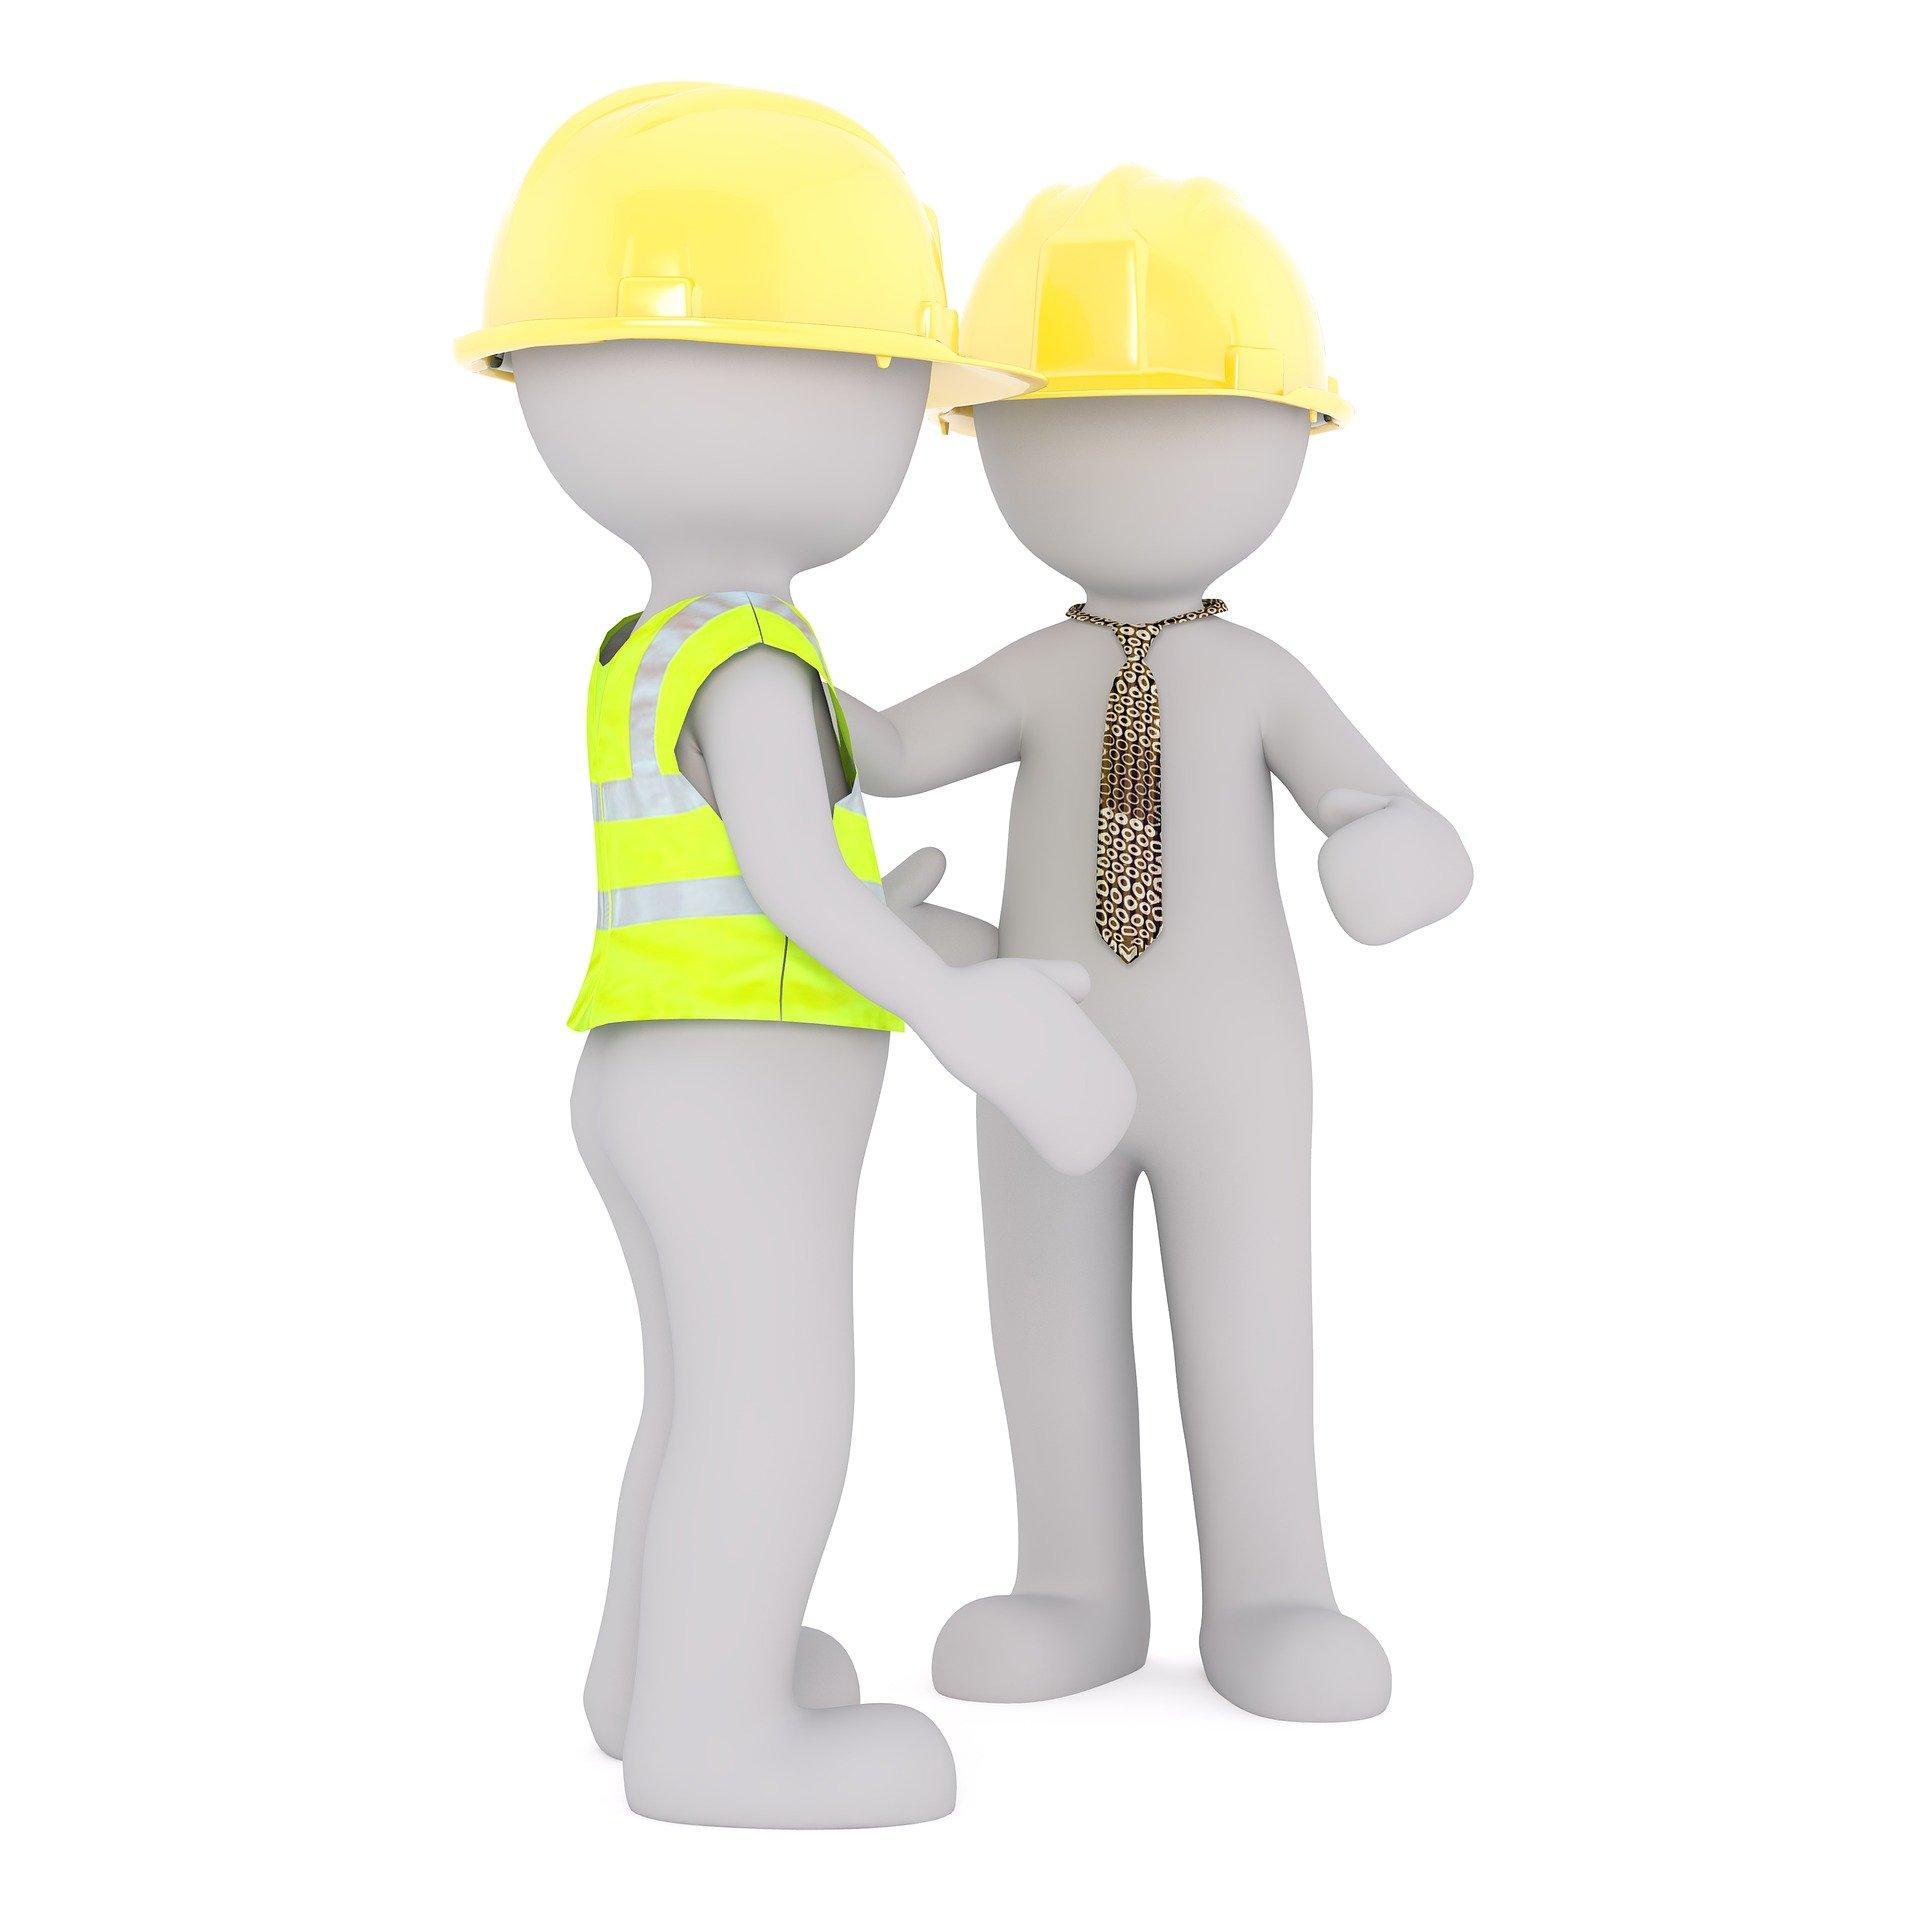 FORMAZIONE e AGGIORNAMENTO RSPP/ASPP – Modulo B comune a tutti i settori produttivi e AGGIORNAMENTO RSPP - DATORE DI LAVORO (D.Lgs. 81/08 - Accordo Stato Regioni 7/7/16)